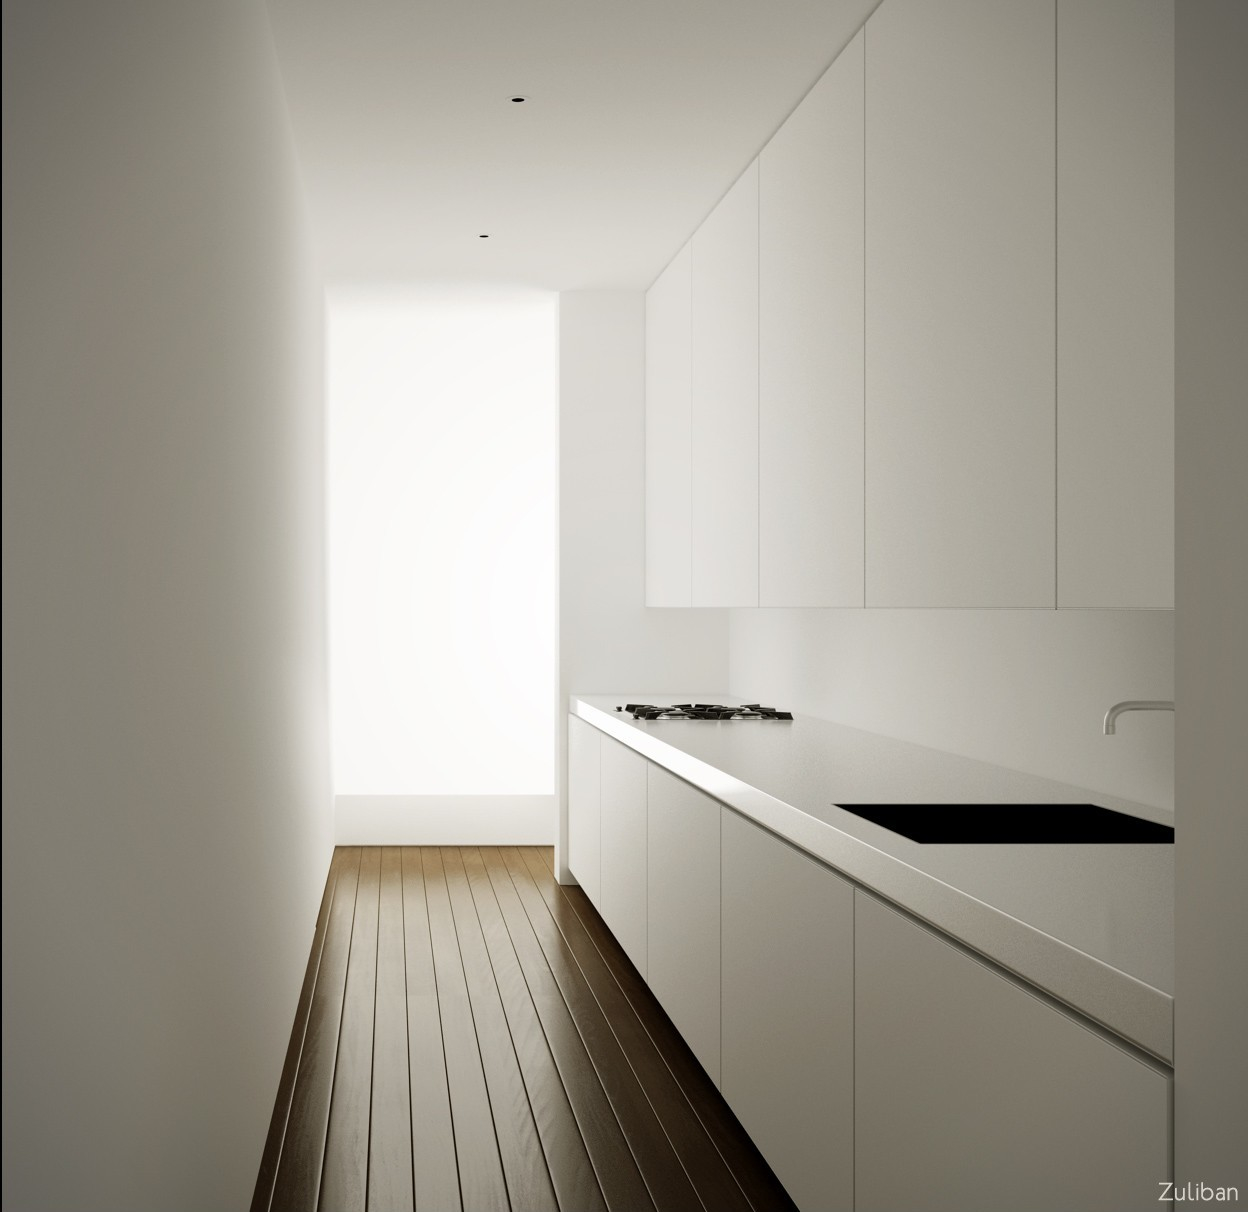 Zuliban minimal kitchen 1 e9b7e22b z023